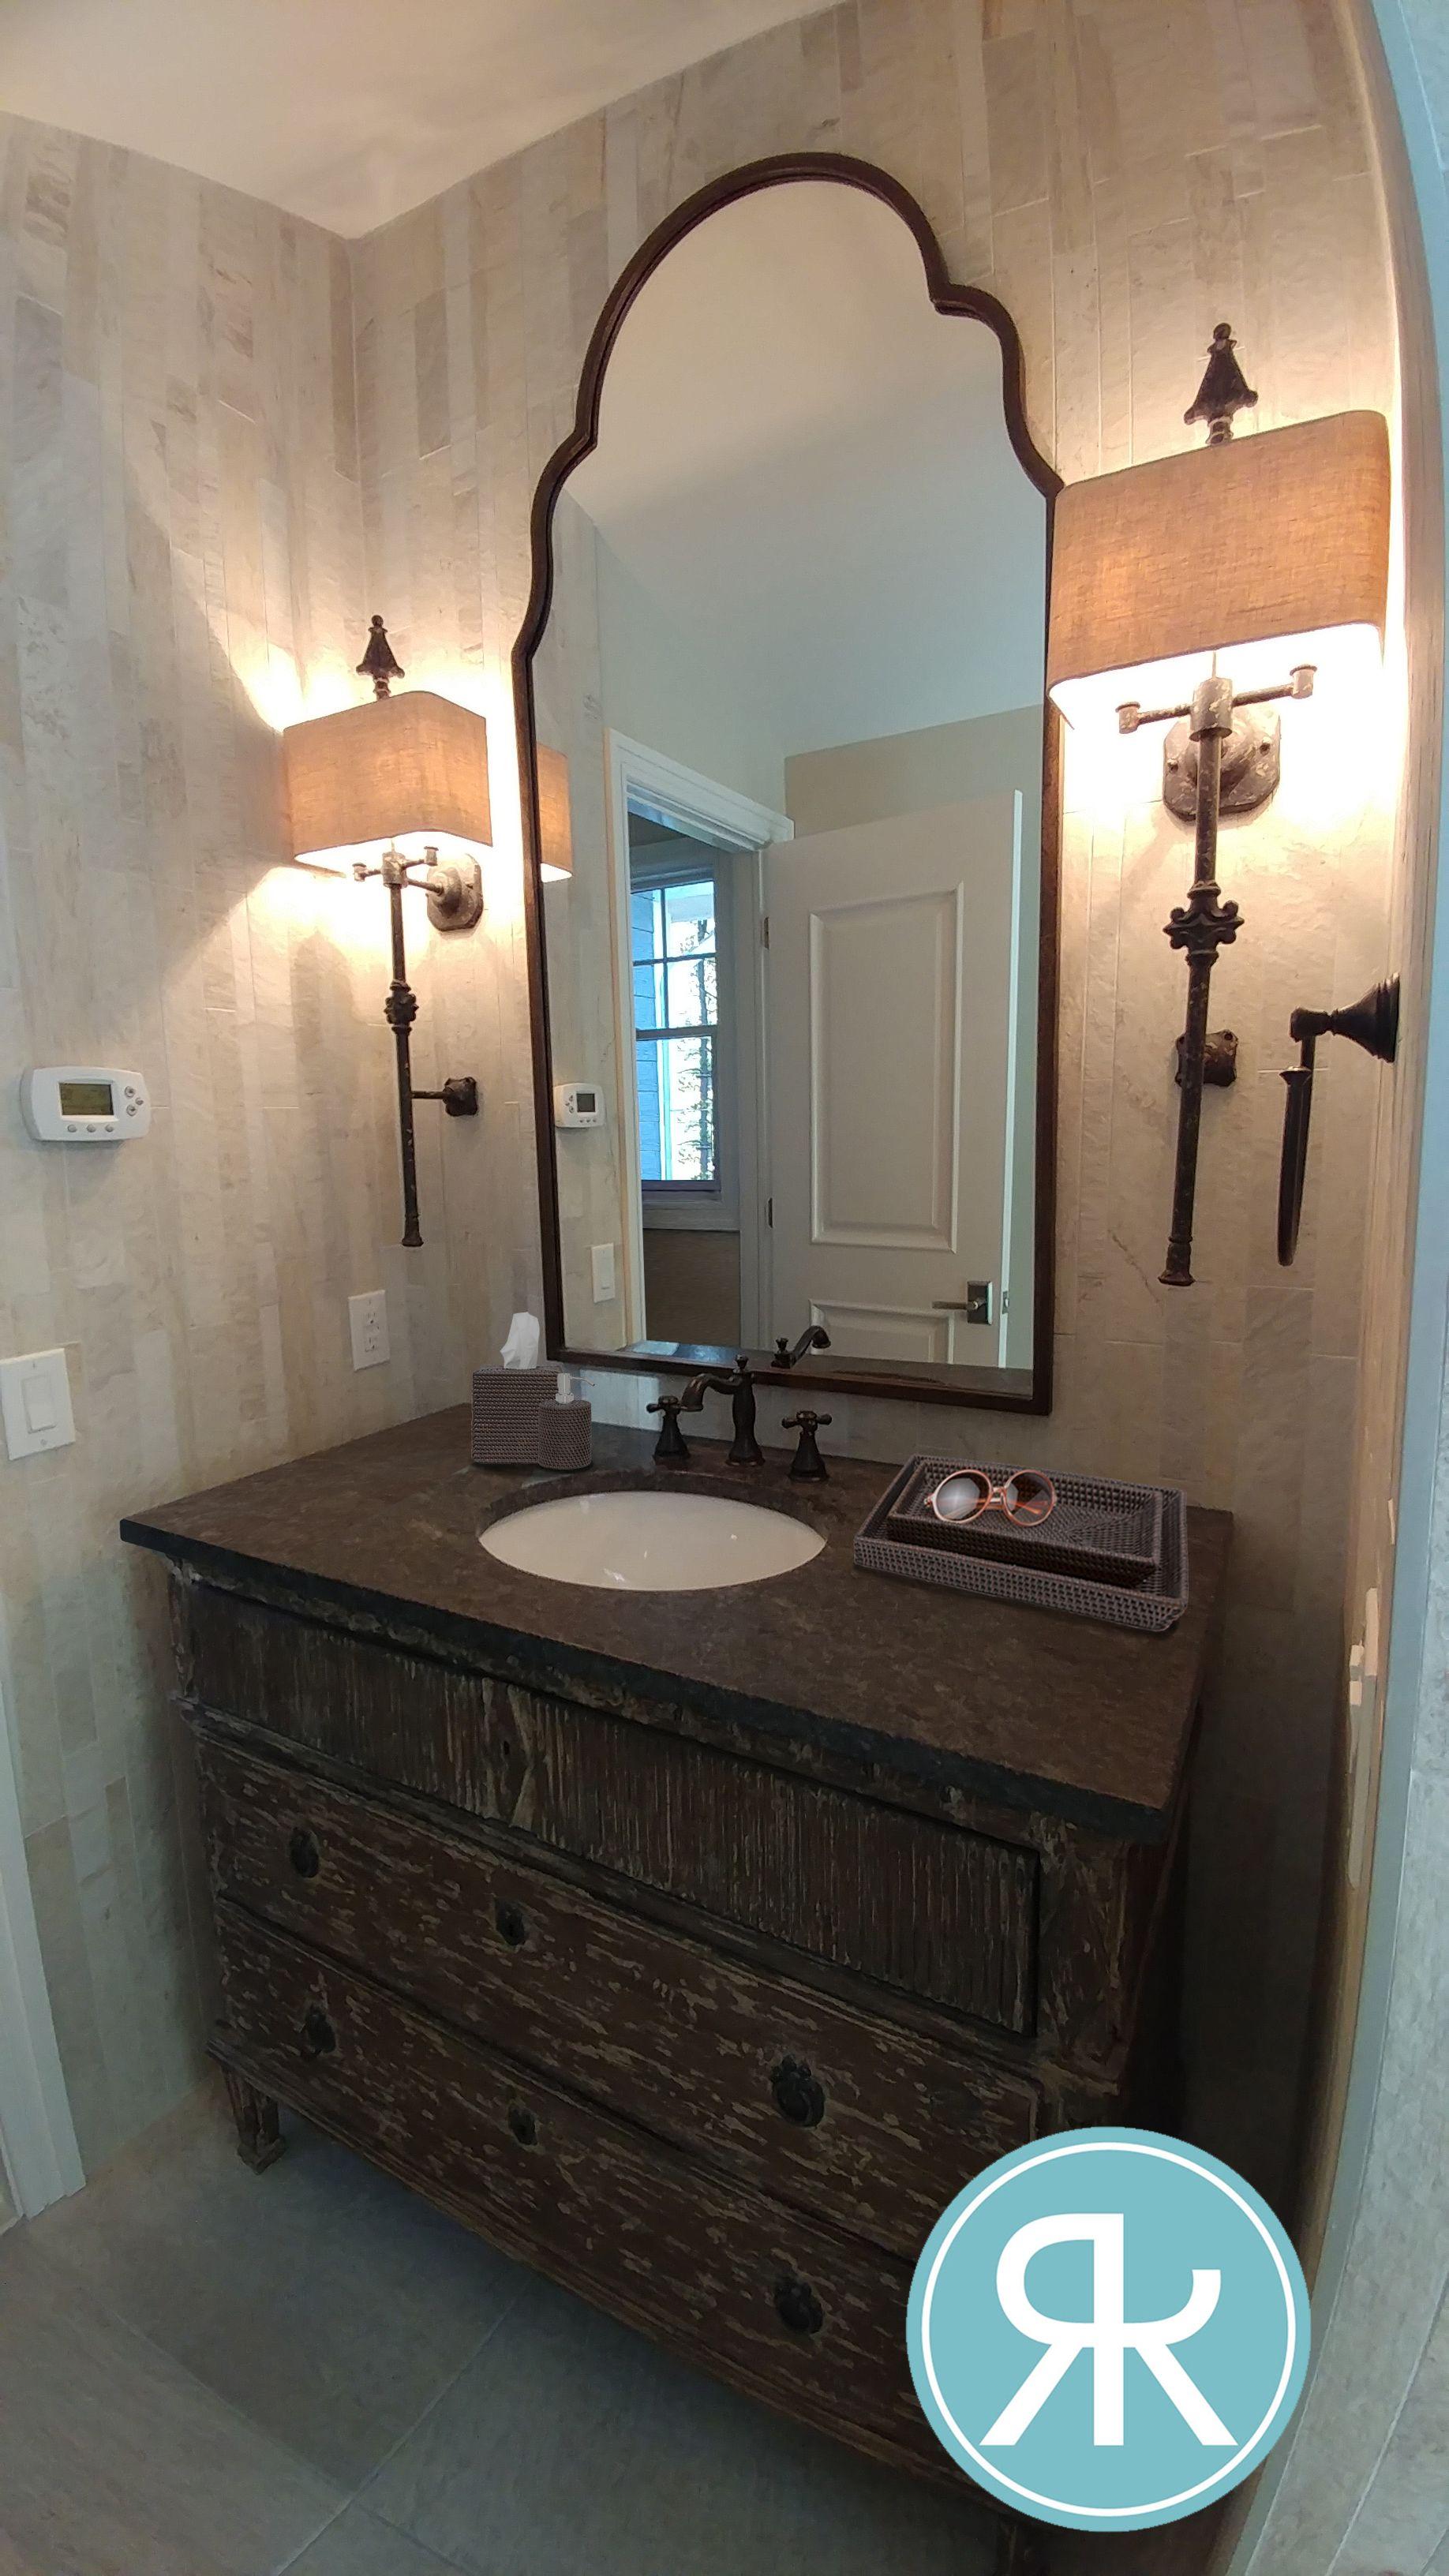 Bathroom Sinks Regina regina kay interiors - this noble antique-inspired bathroom